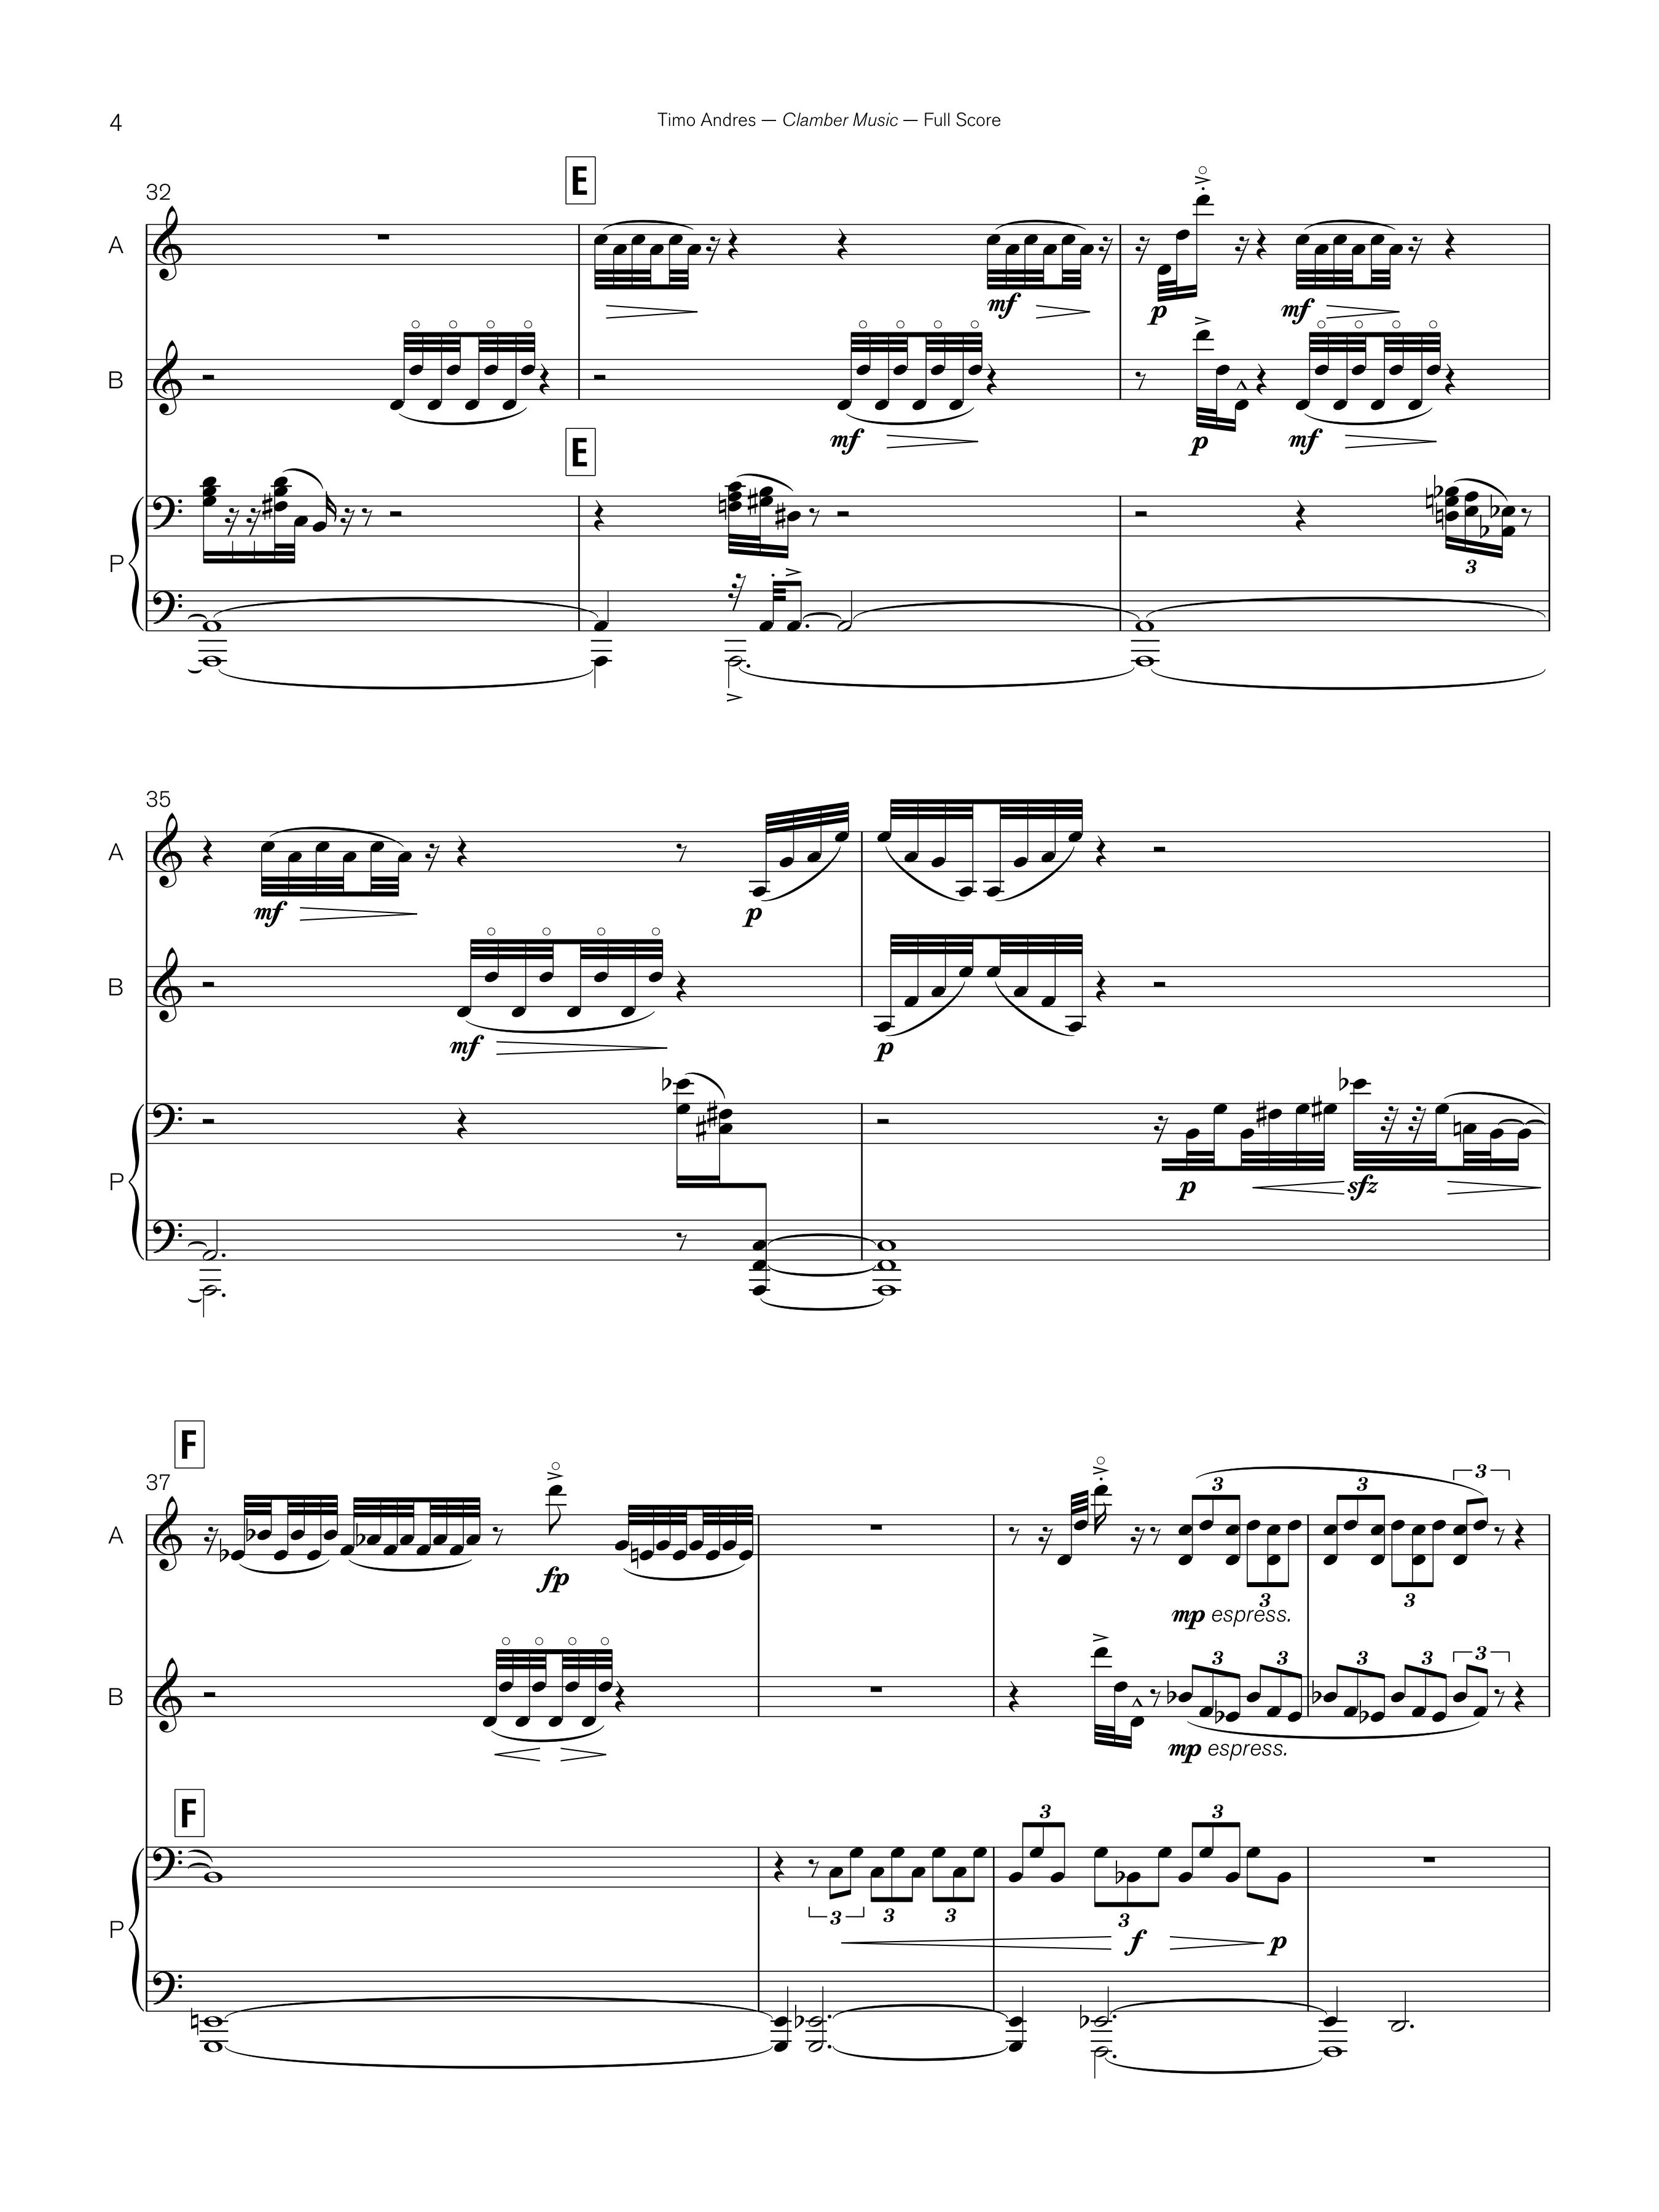 Clamber Music, p. 4